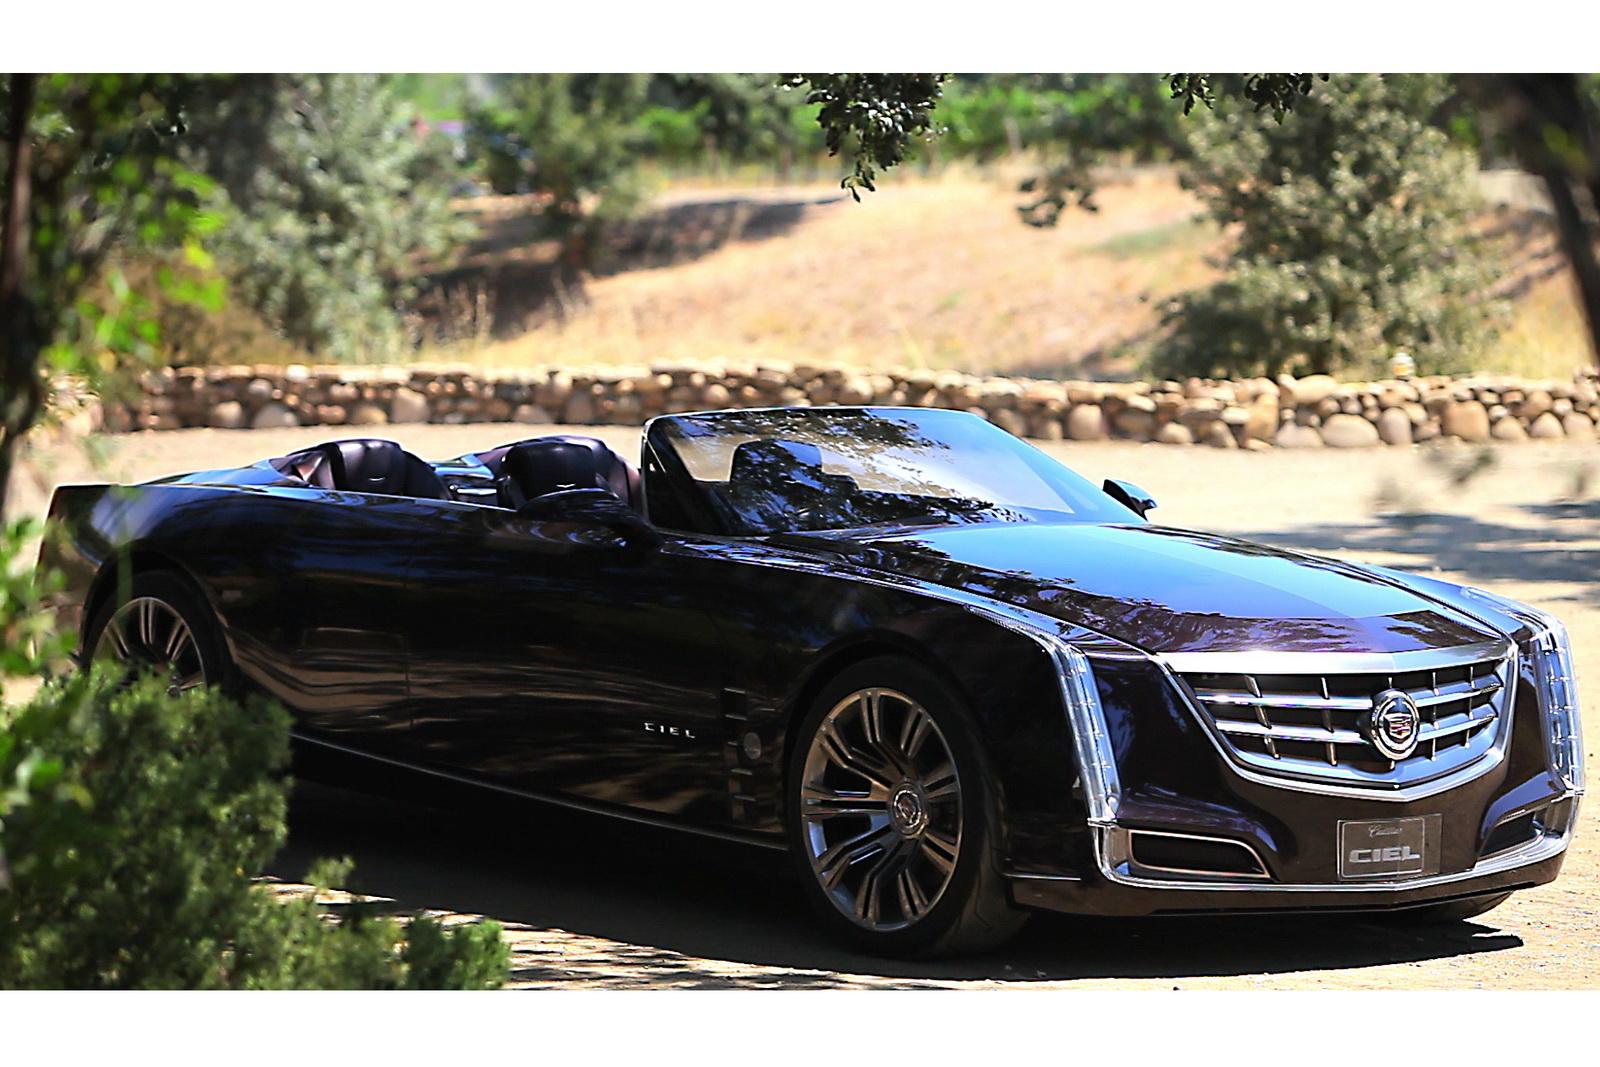 2011 cadillac ciel 4 door convertible concept auto car best car news and reviews. Black Bedroom Furniture Sets. Home Design Ideas